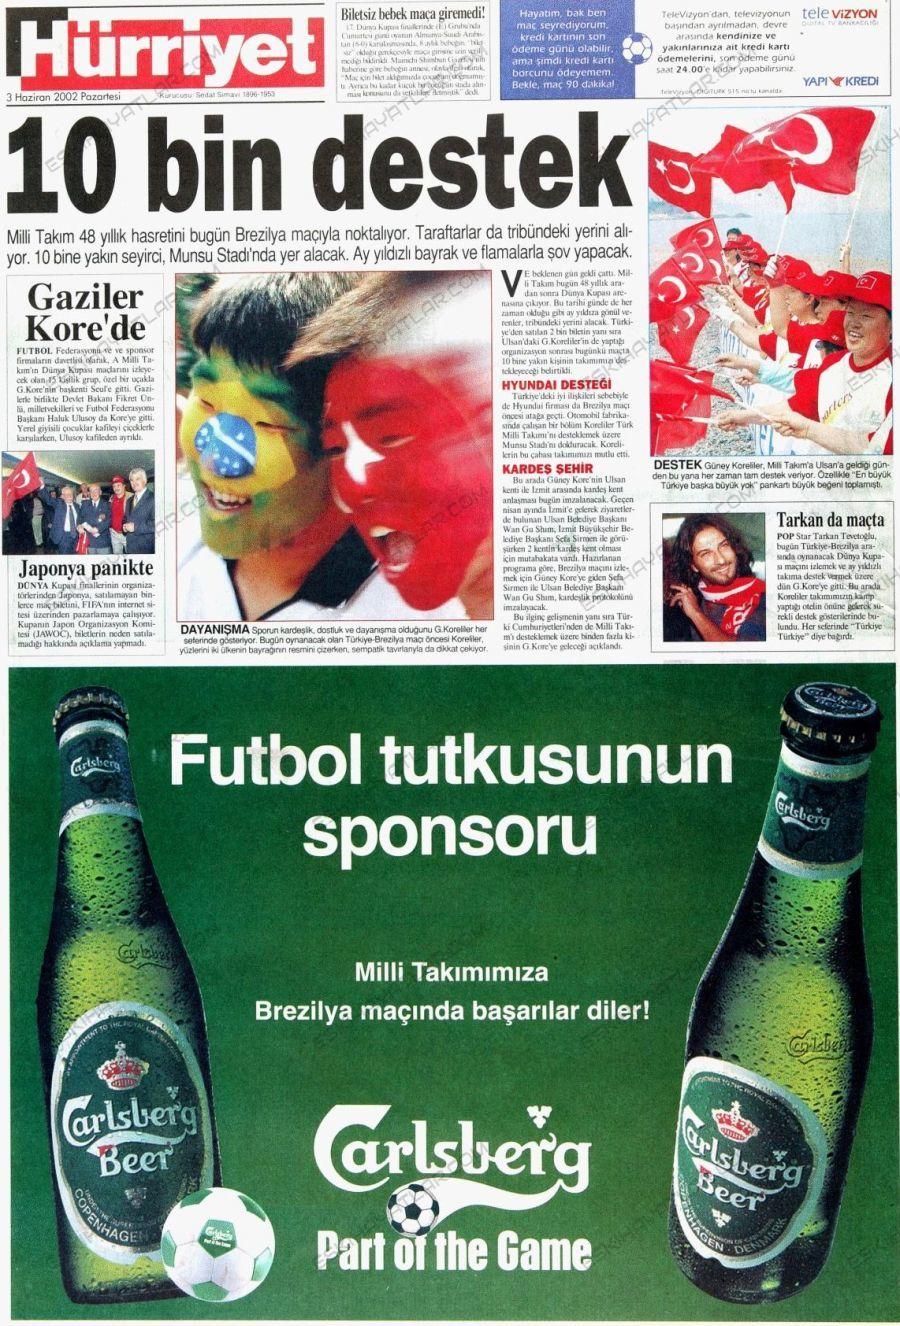 0406-turkiye-a-milli-takimi-2002-dunya-kupasi-hurriyet-gazetesi-carlsberg-reklamlari (1)